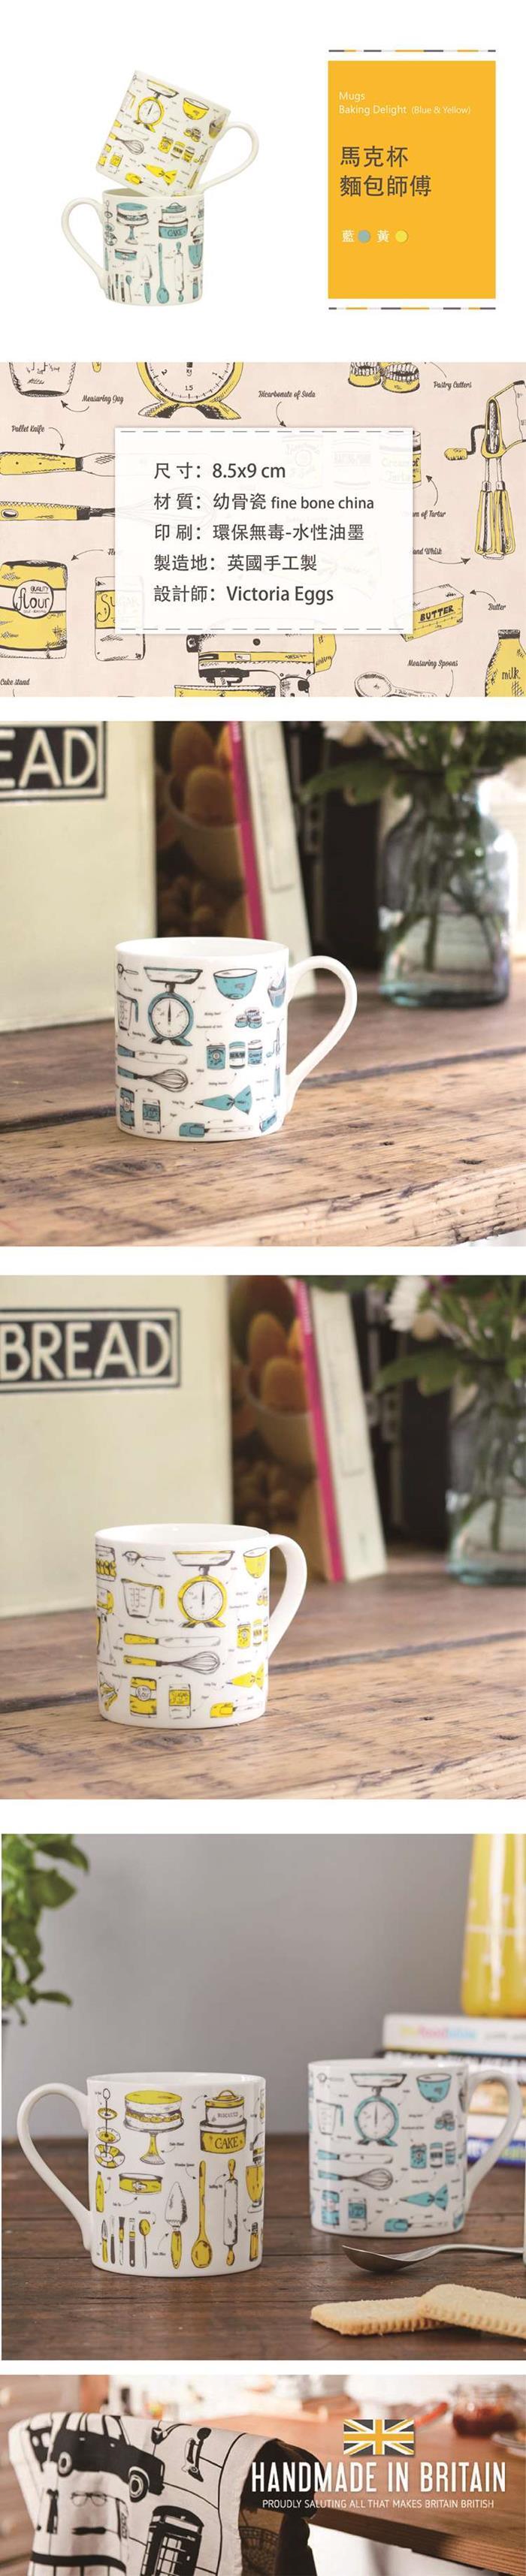 英國蛋|馬克杯 麵包師傅